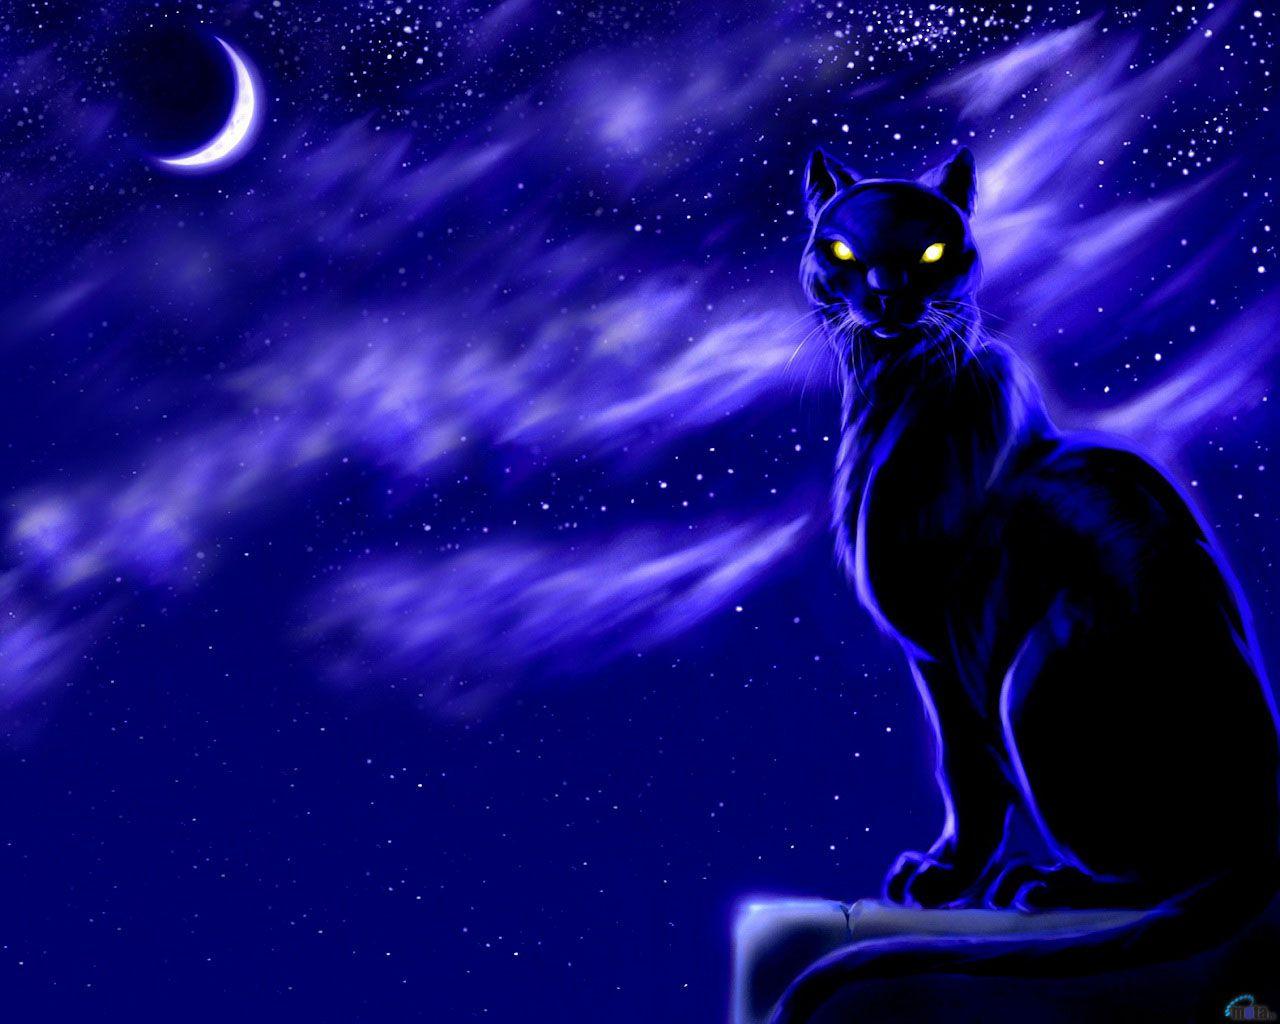 Most Inspiring Wallpaper Cat Mystical - 8bc2fb9d0f775283b3c86af6ef829da6  Gallery_41416 .jpg